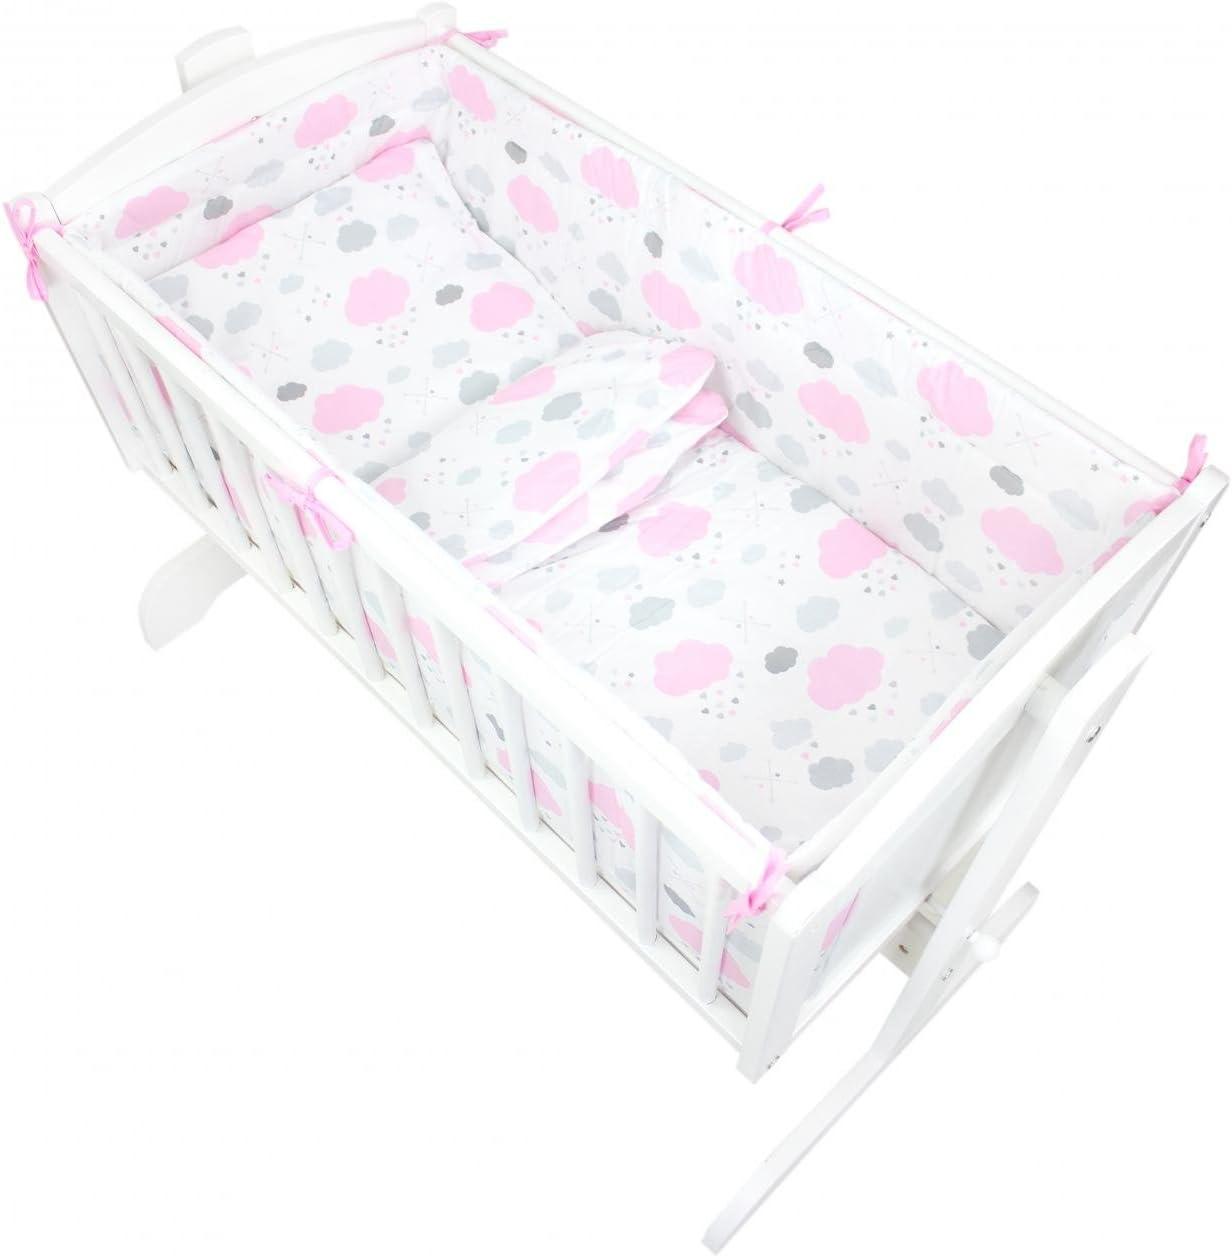 Anzahl der Teile:: 6 TLG Set Farbe: Tupfen-Sterne Grau TupTam Unisex Baby Wiegen-Bettw/äsche-Set 6-TLG